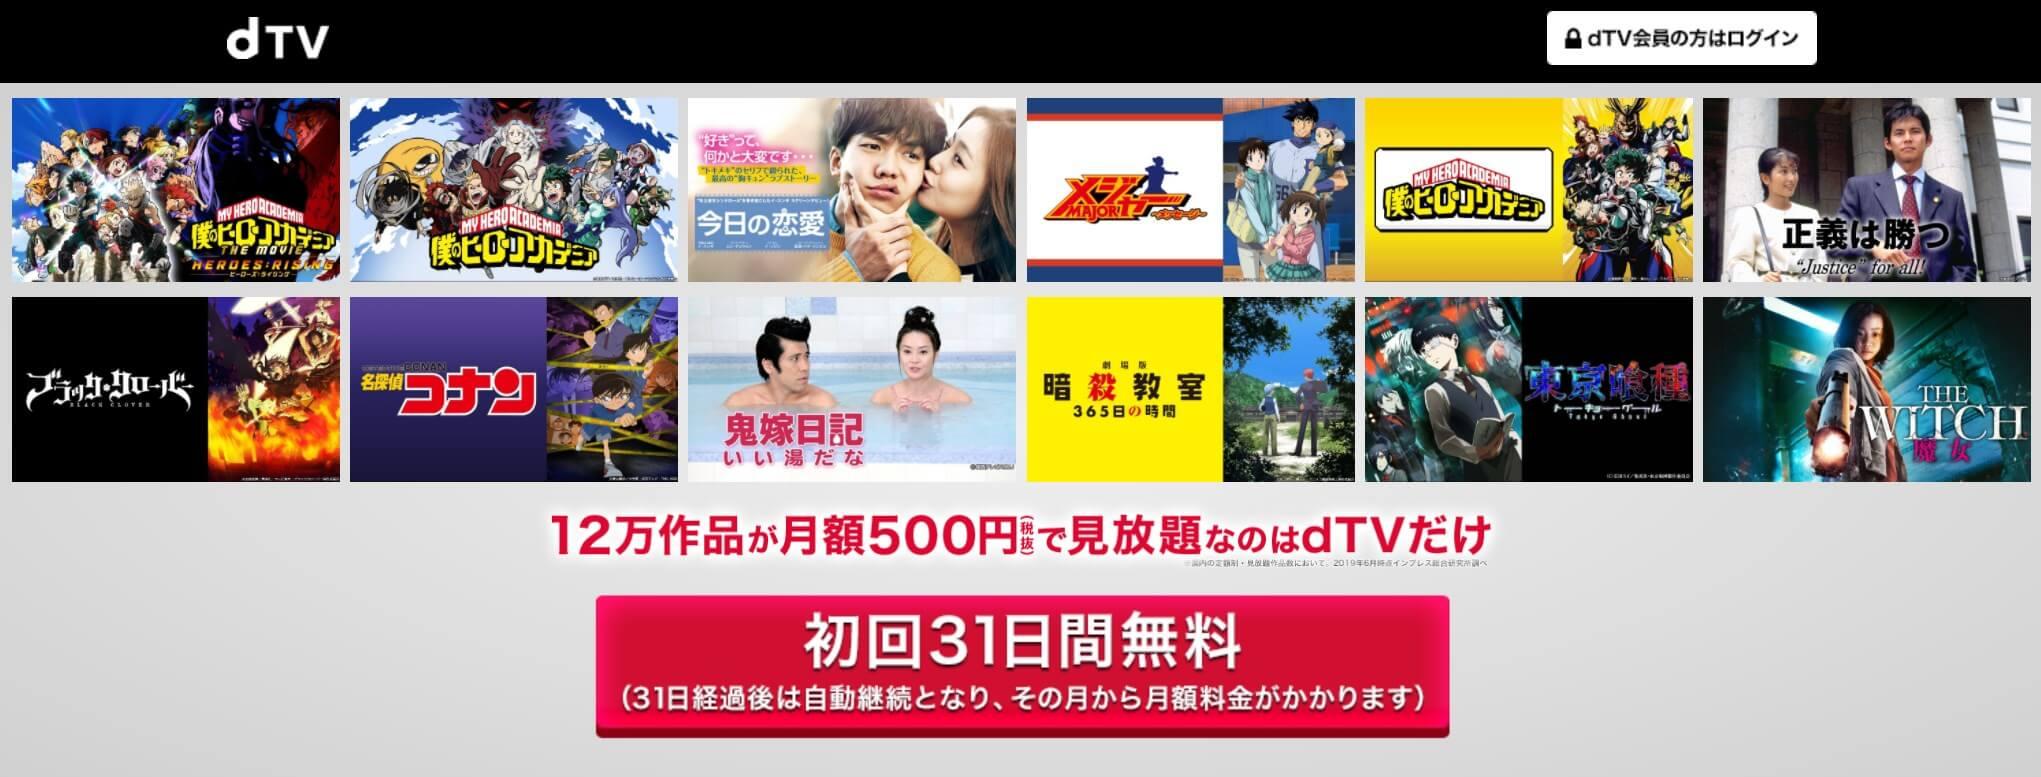 dTVのTOPページ